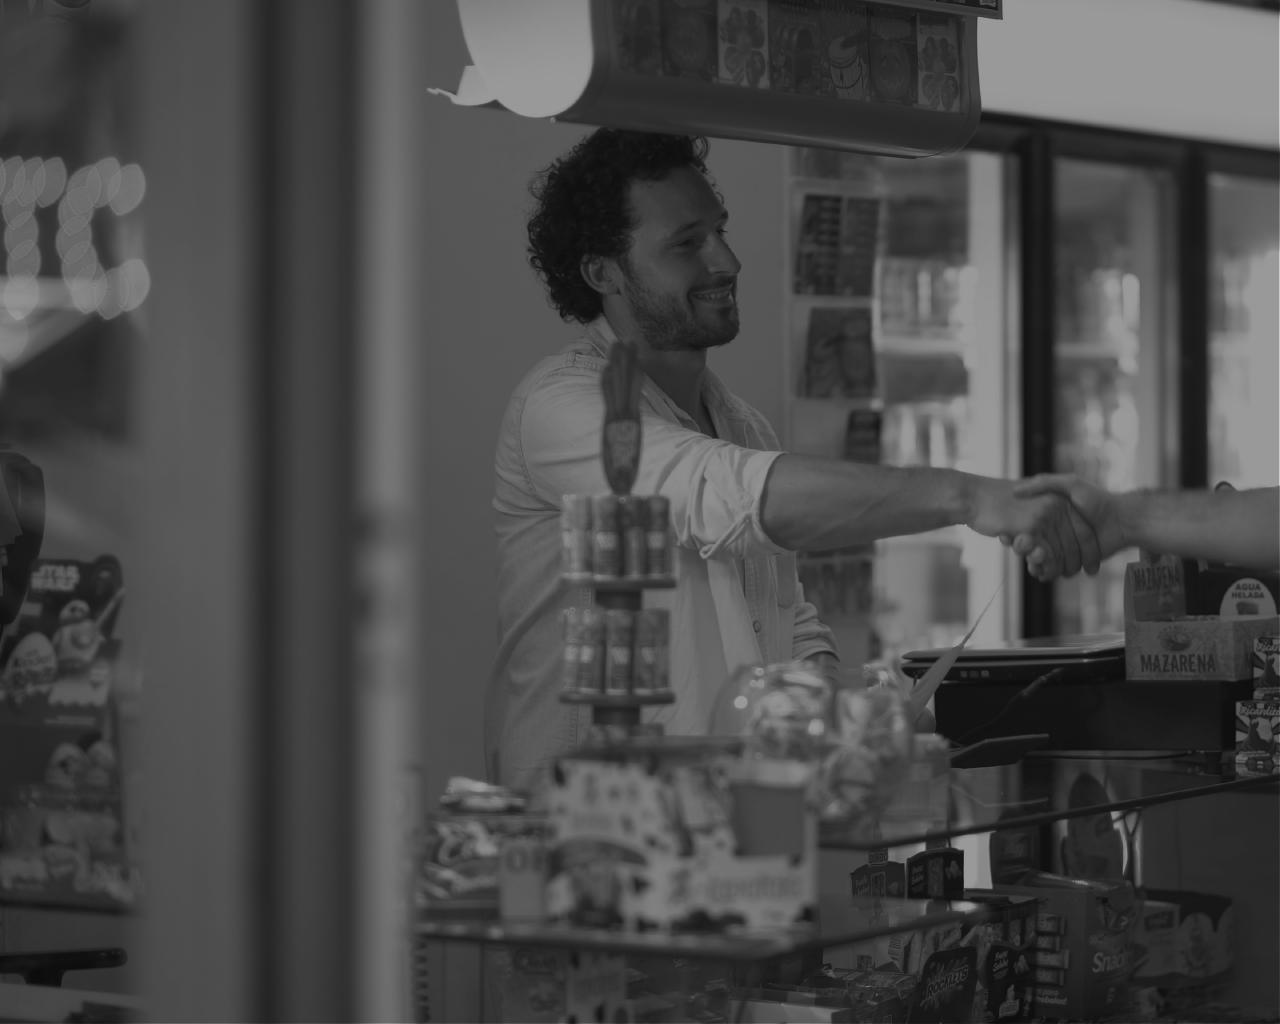 Comercios - Con un historial crediticio actualizado adquirido en el marketplace RedCloud, los comercios acceden a mejores créditos y seguros en forma rápida para fomentar la expansión del negocio y aumentar el flujo de caja para pagar a sus proveedores. El pago de las cuotas de los créditos se realiza de forma digital desde su cuenta RedCloud.